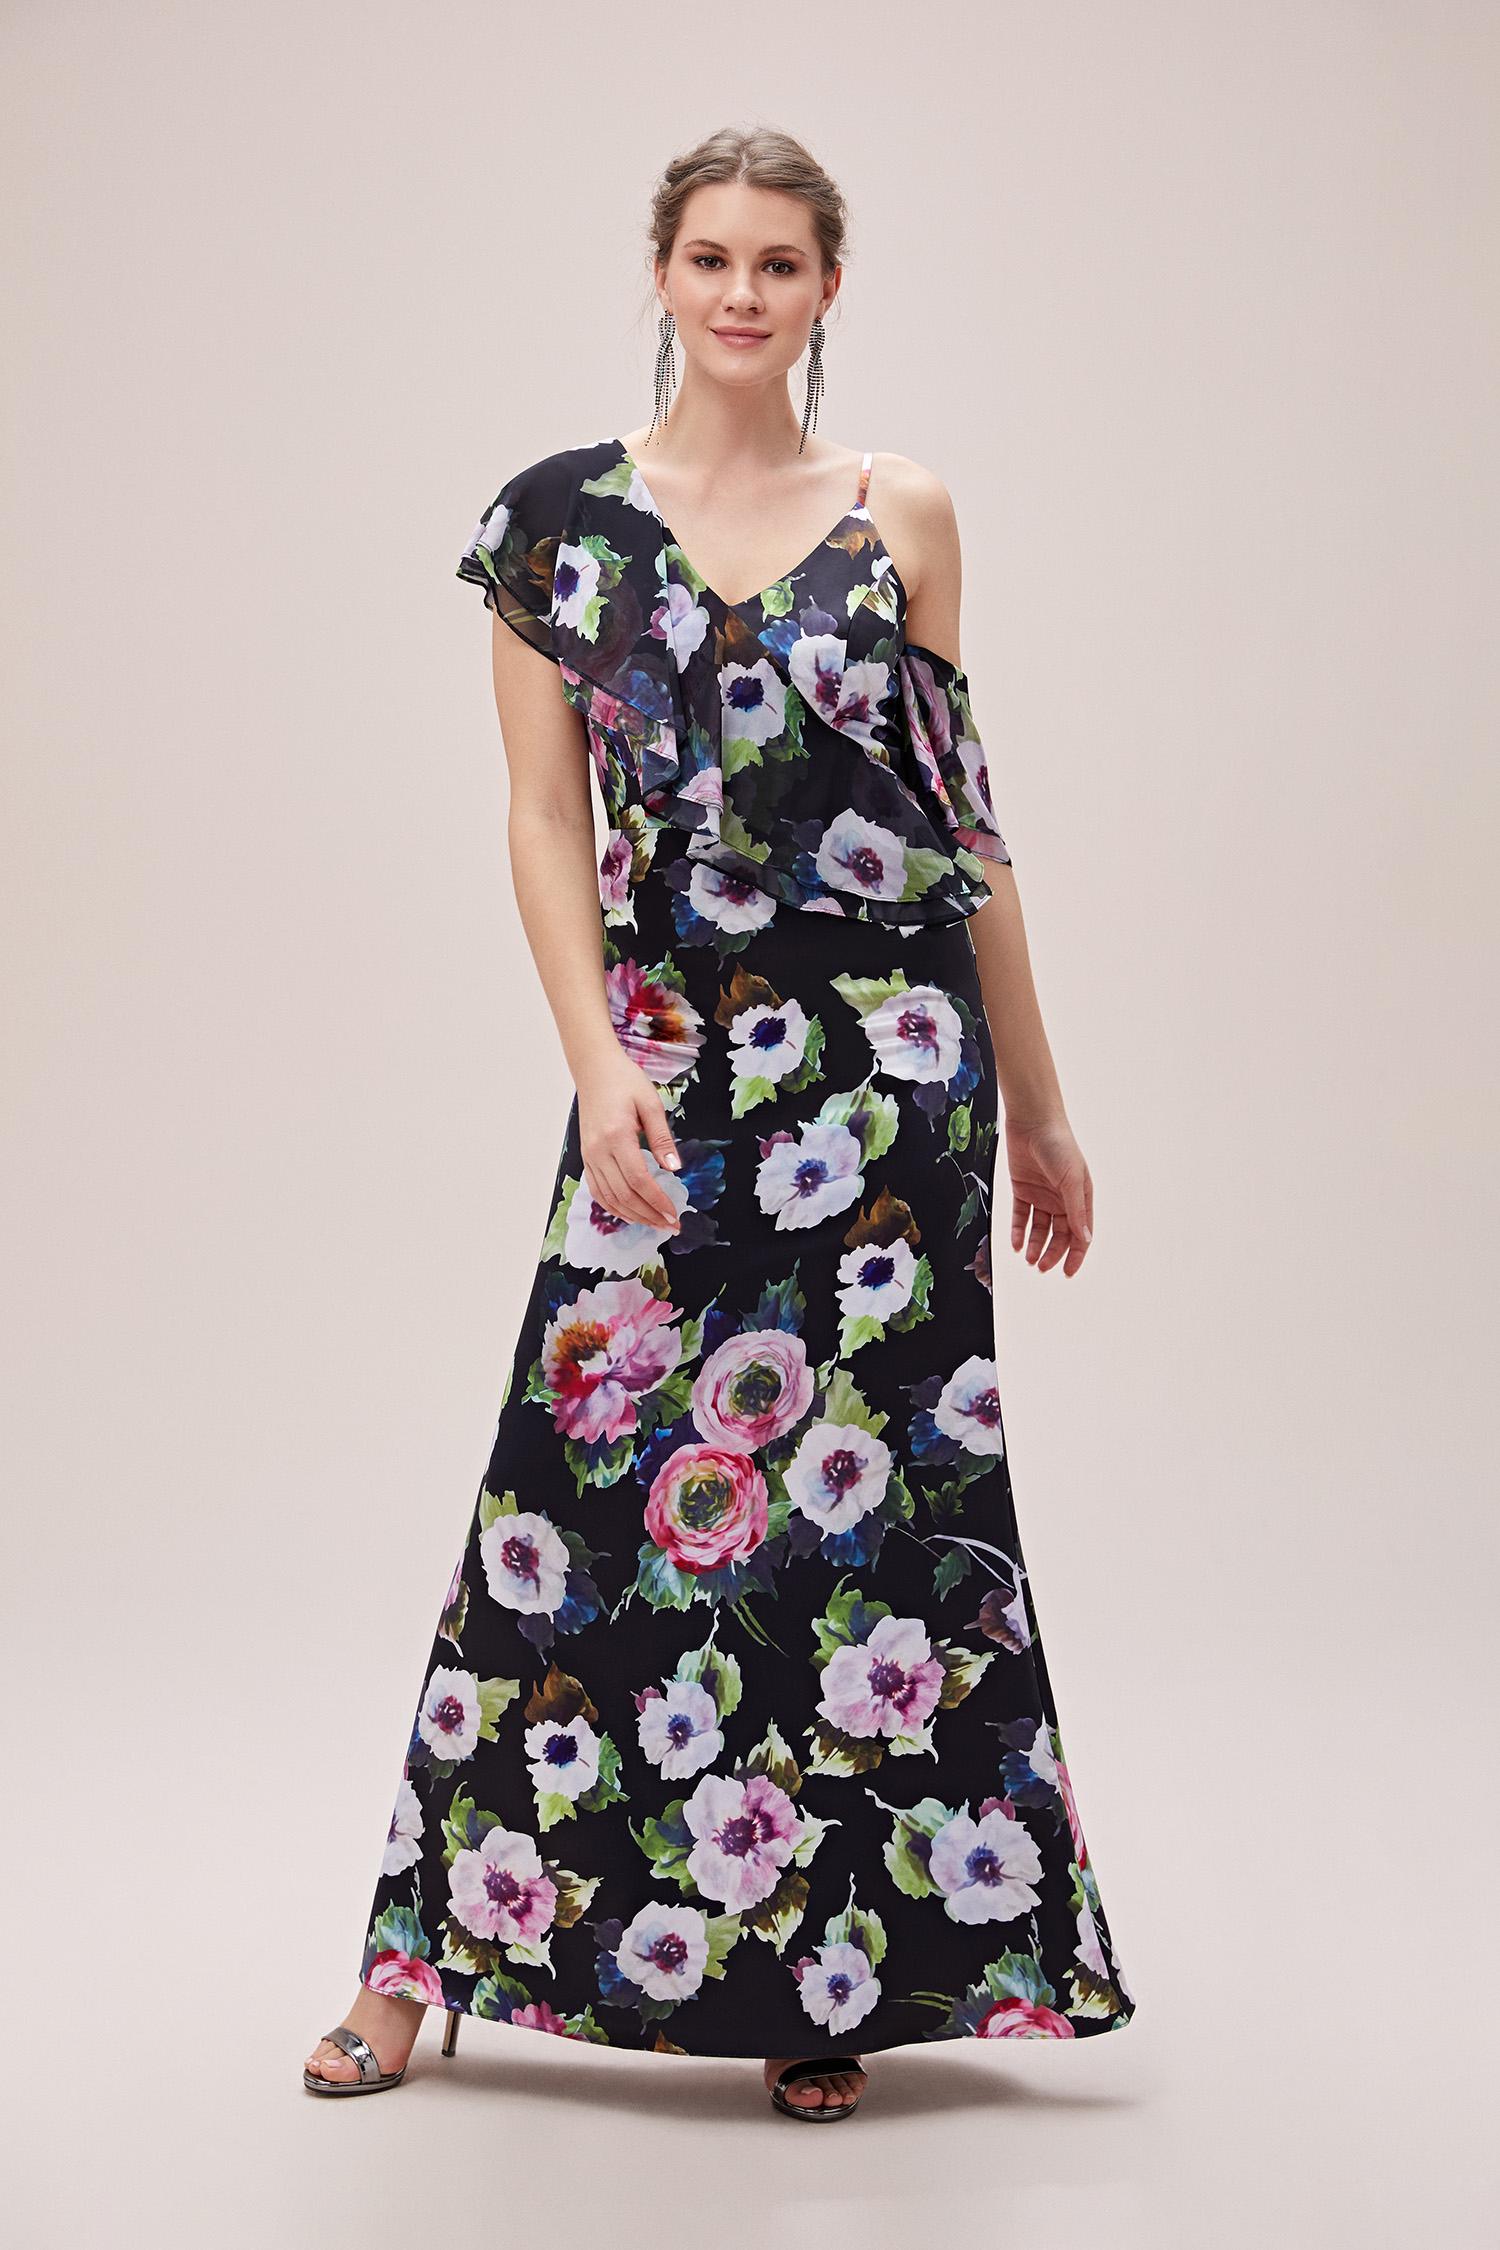 Çiçekli Askılı Fırfırlı Şifon Uzun Büyük Beden Abiye Elbise - Thumbnail